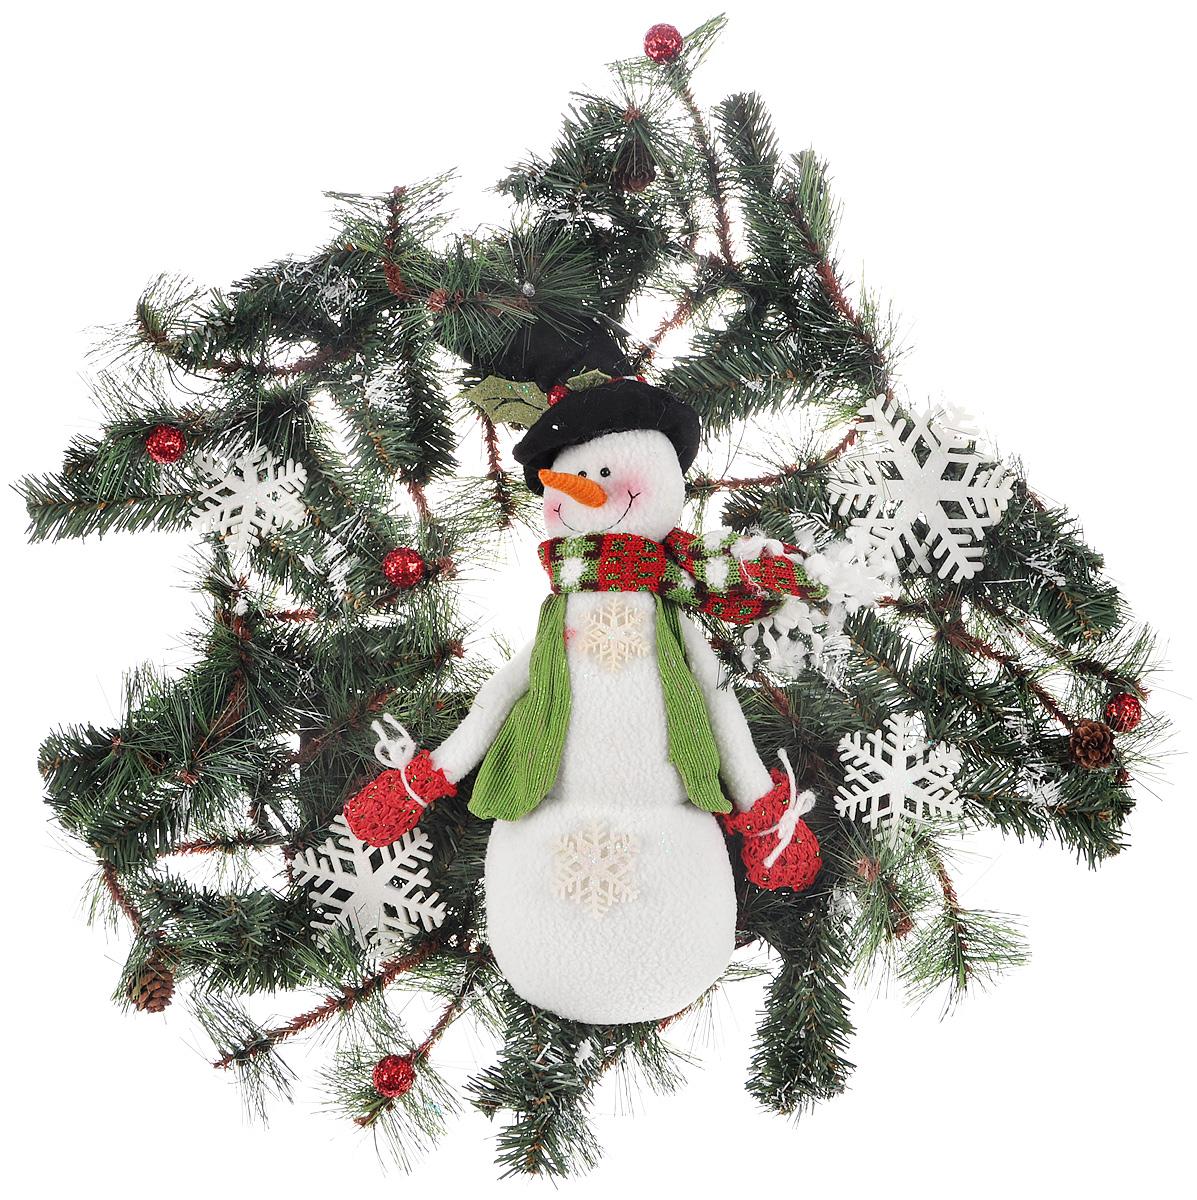 Венок новогодний Рождественский венок, с подсветкой, цвет: зеленый, белый, 56 х 10 х 56 см75232Декоративное украшение Рождественский венок дополнит интерьер любого помещения в преддверии Нового года, а также может стать оригинальным подарком для ваших друзей и близких. Композиция выполнена в виде венка с искусственными елочными ветками и фигуркой снеговика. Ветки украшены шишками и снежинками. Изделие оснащено яркой светодиодной подсветкой. Оформление помещения декоративным венком создаст праздничную, по-настоящему радостную и теплую атмосферу.Светодиодная подсветка работает от 3 батареек типа АА.